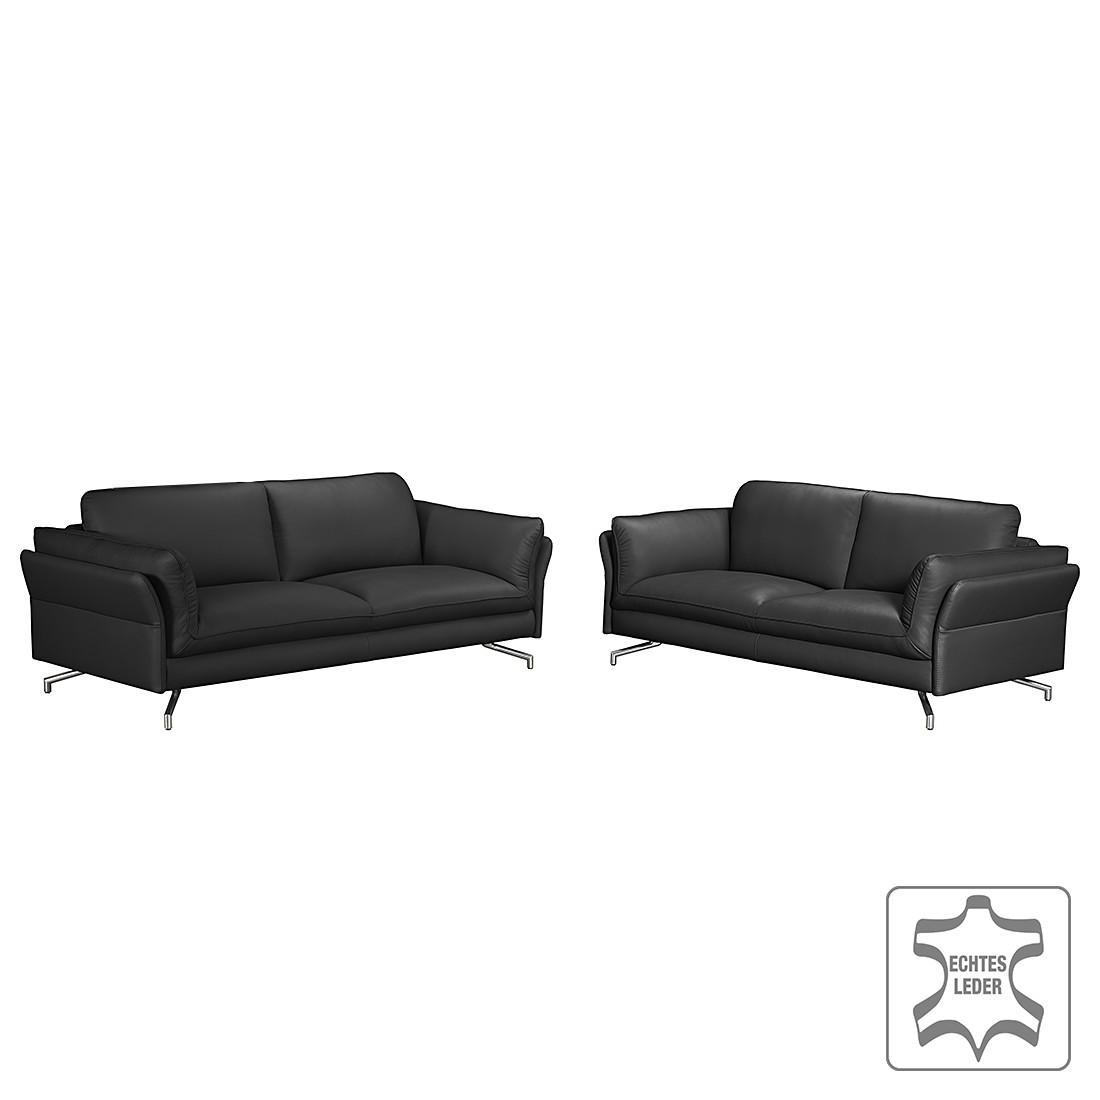 polstergarnitur enrico 3 2 echtleder schwarz mit 2 kopfst tzen loftscape g nstig. Black Bedroom Furniture Sets. Home Design Ideas